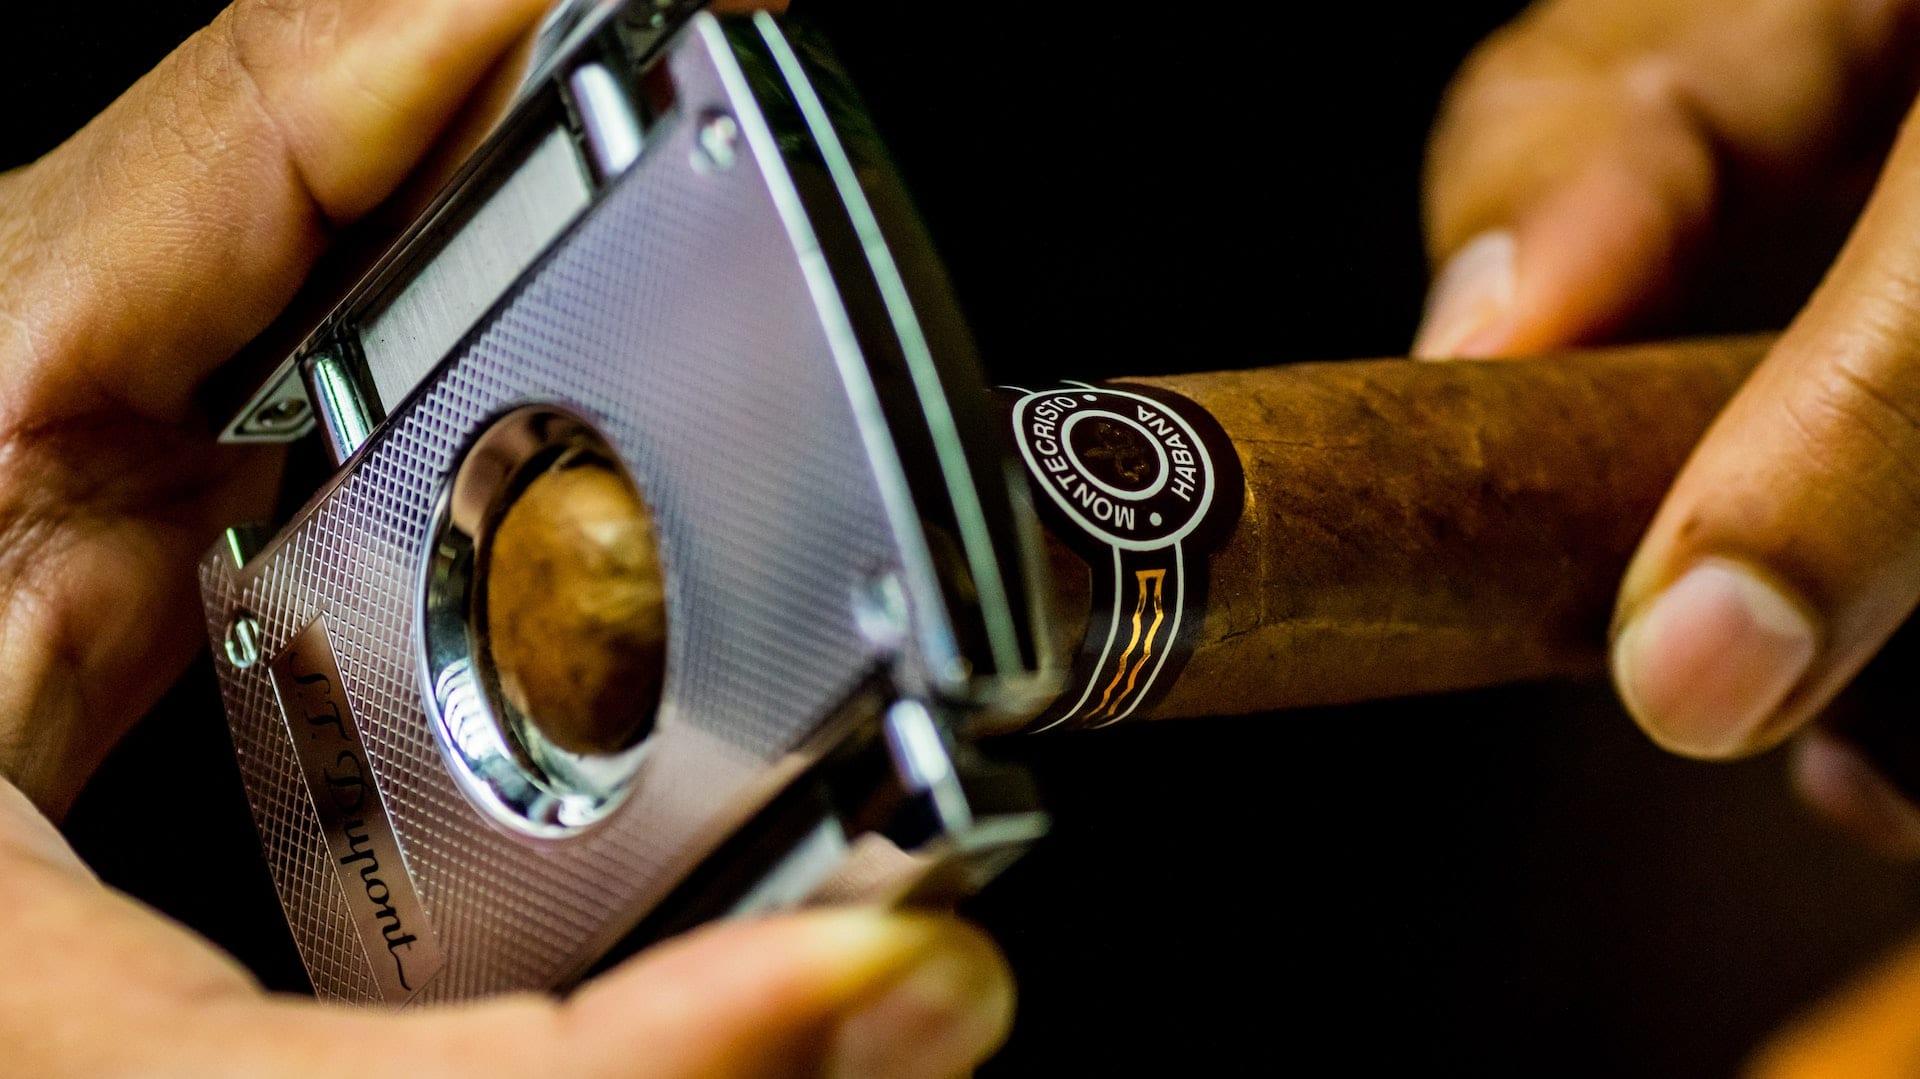 Bars and Cigars - Tutorials Coming Soon